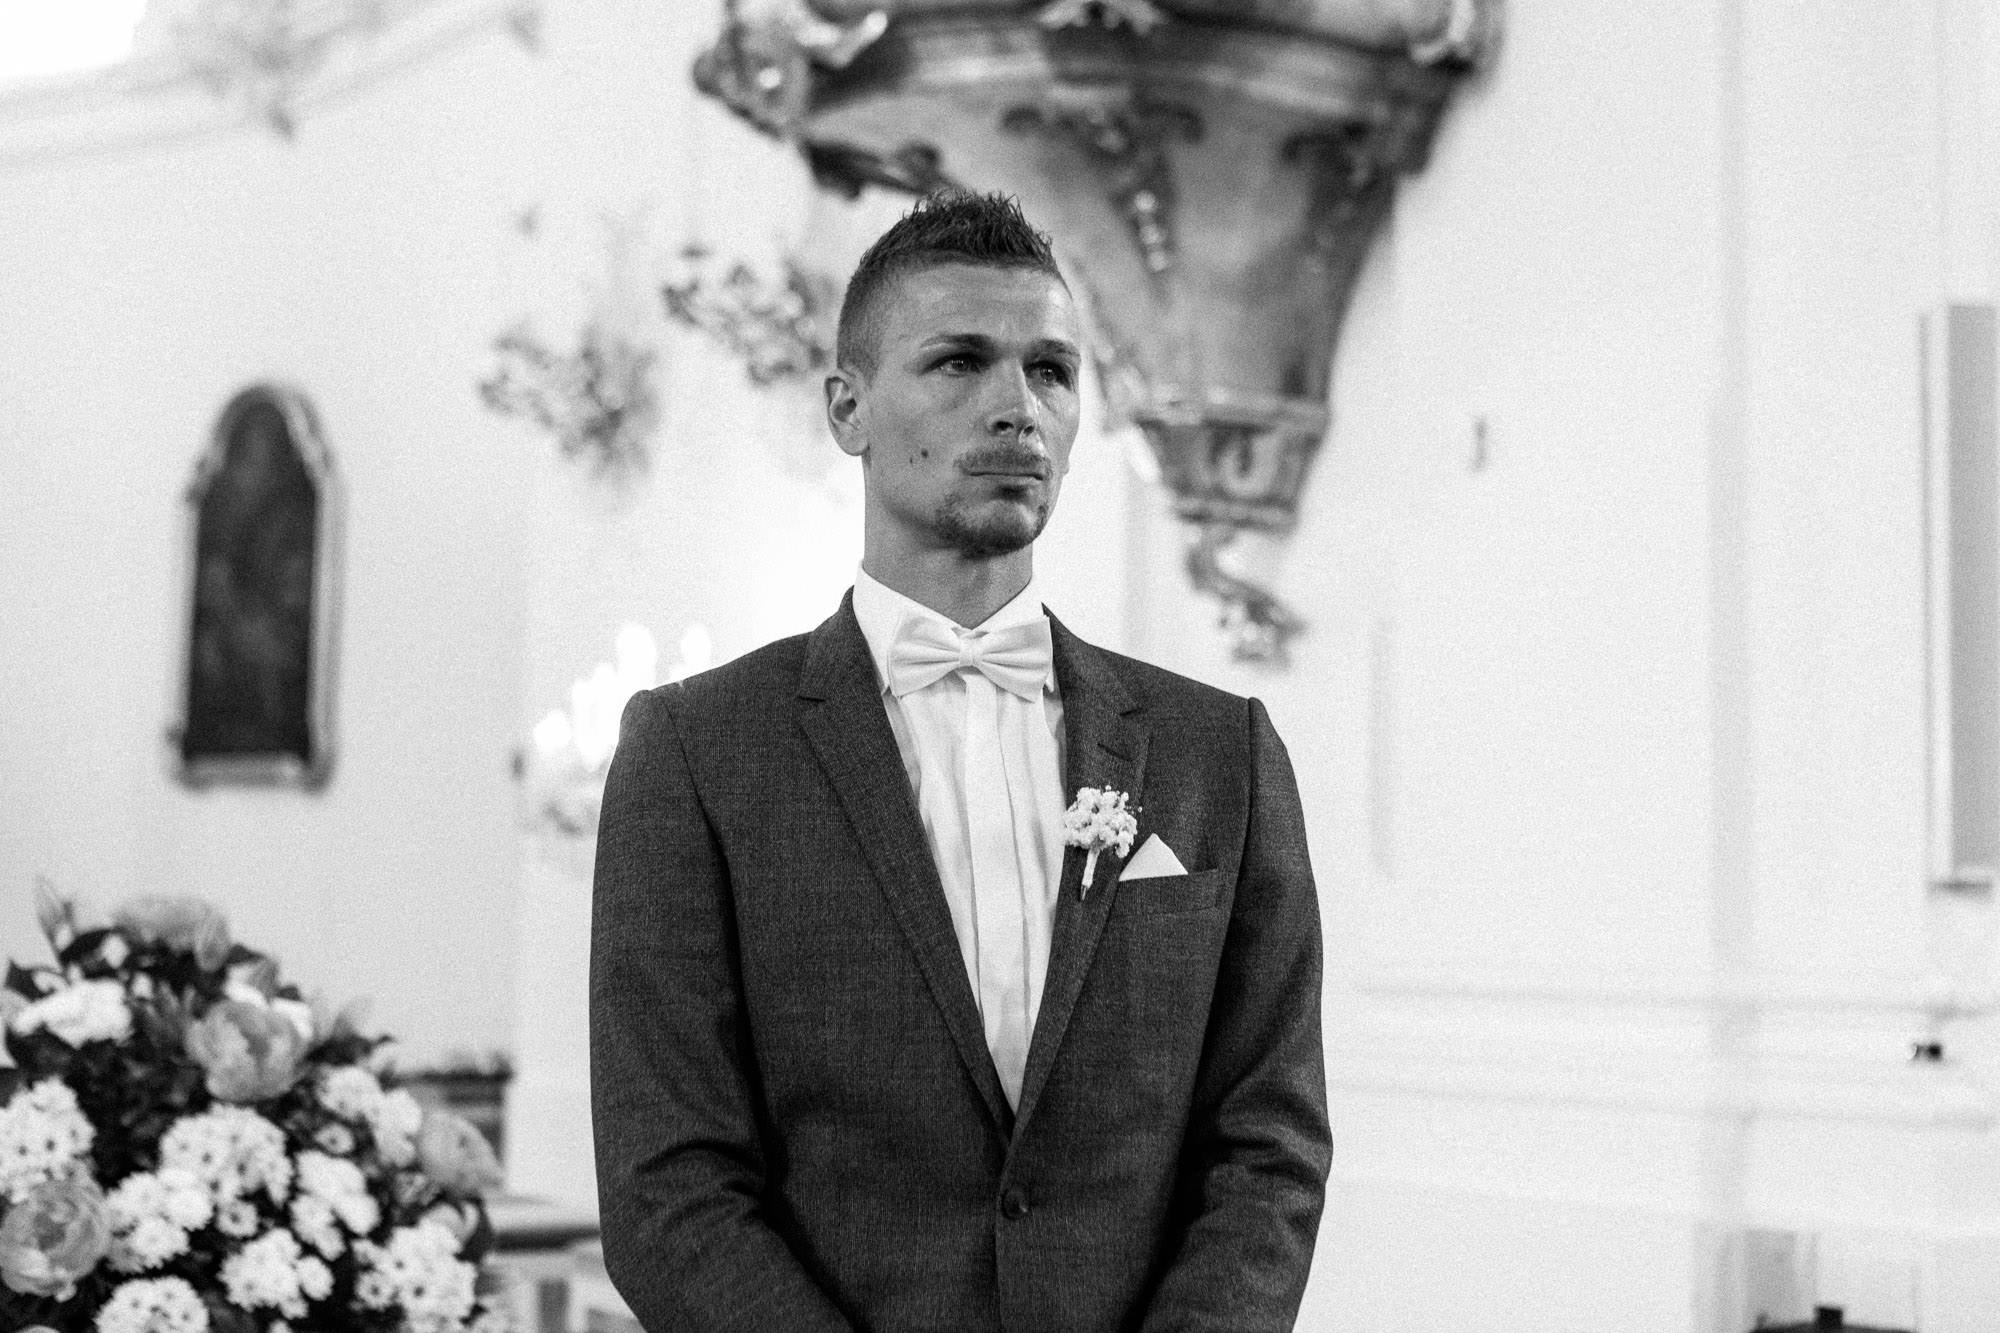 Hochzeit Verena & Mathias, Gut Mergenthau, Kissing - Hochzeitsreportage fotografiert von Yvonne & Rolland Photography